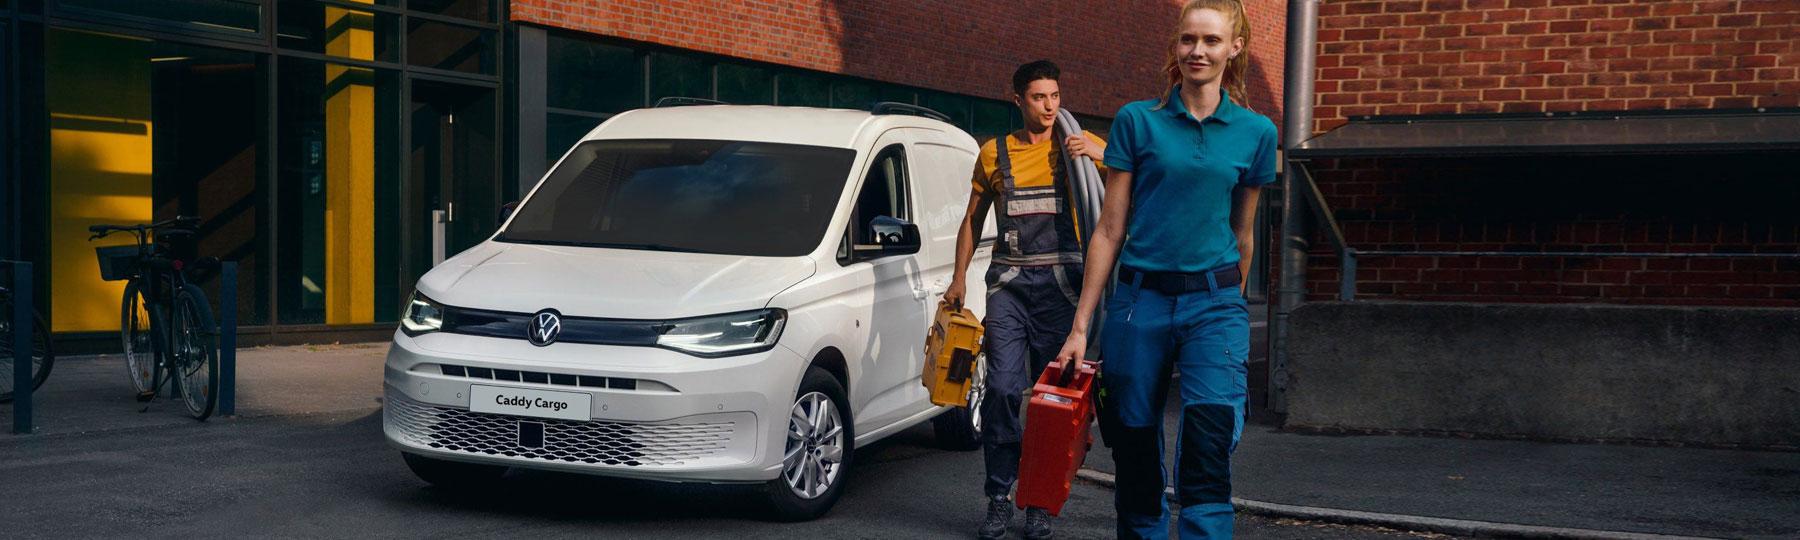 The New Volkswagen Caddy Cargo New Van Offer